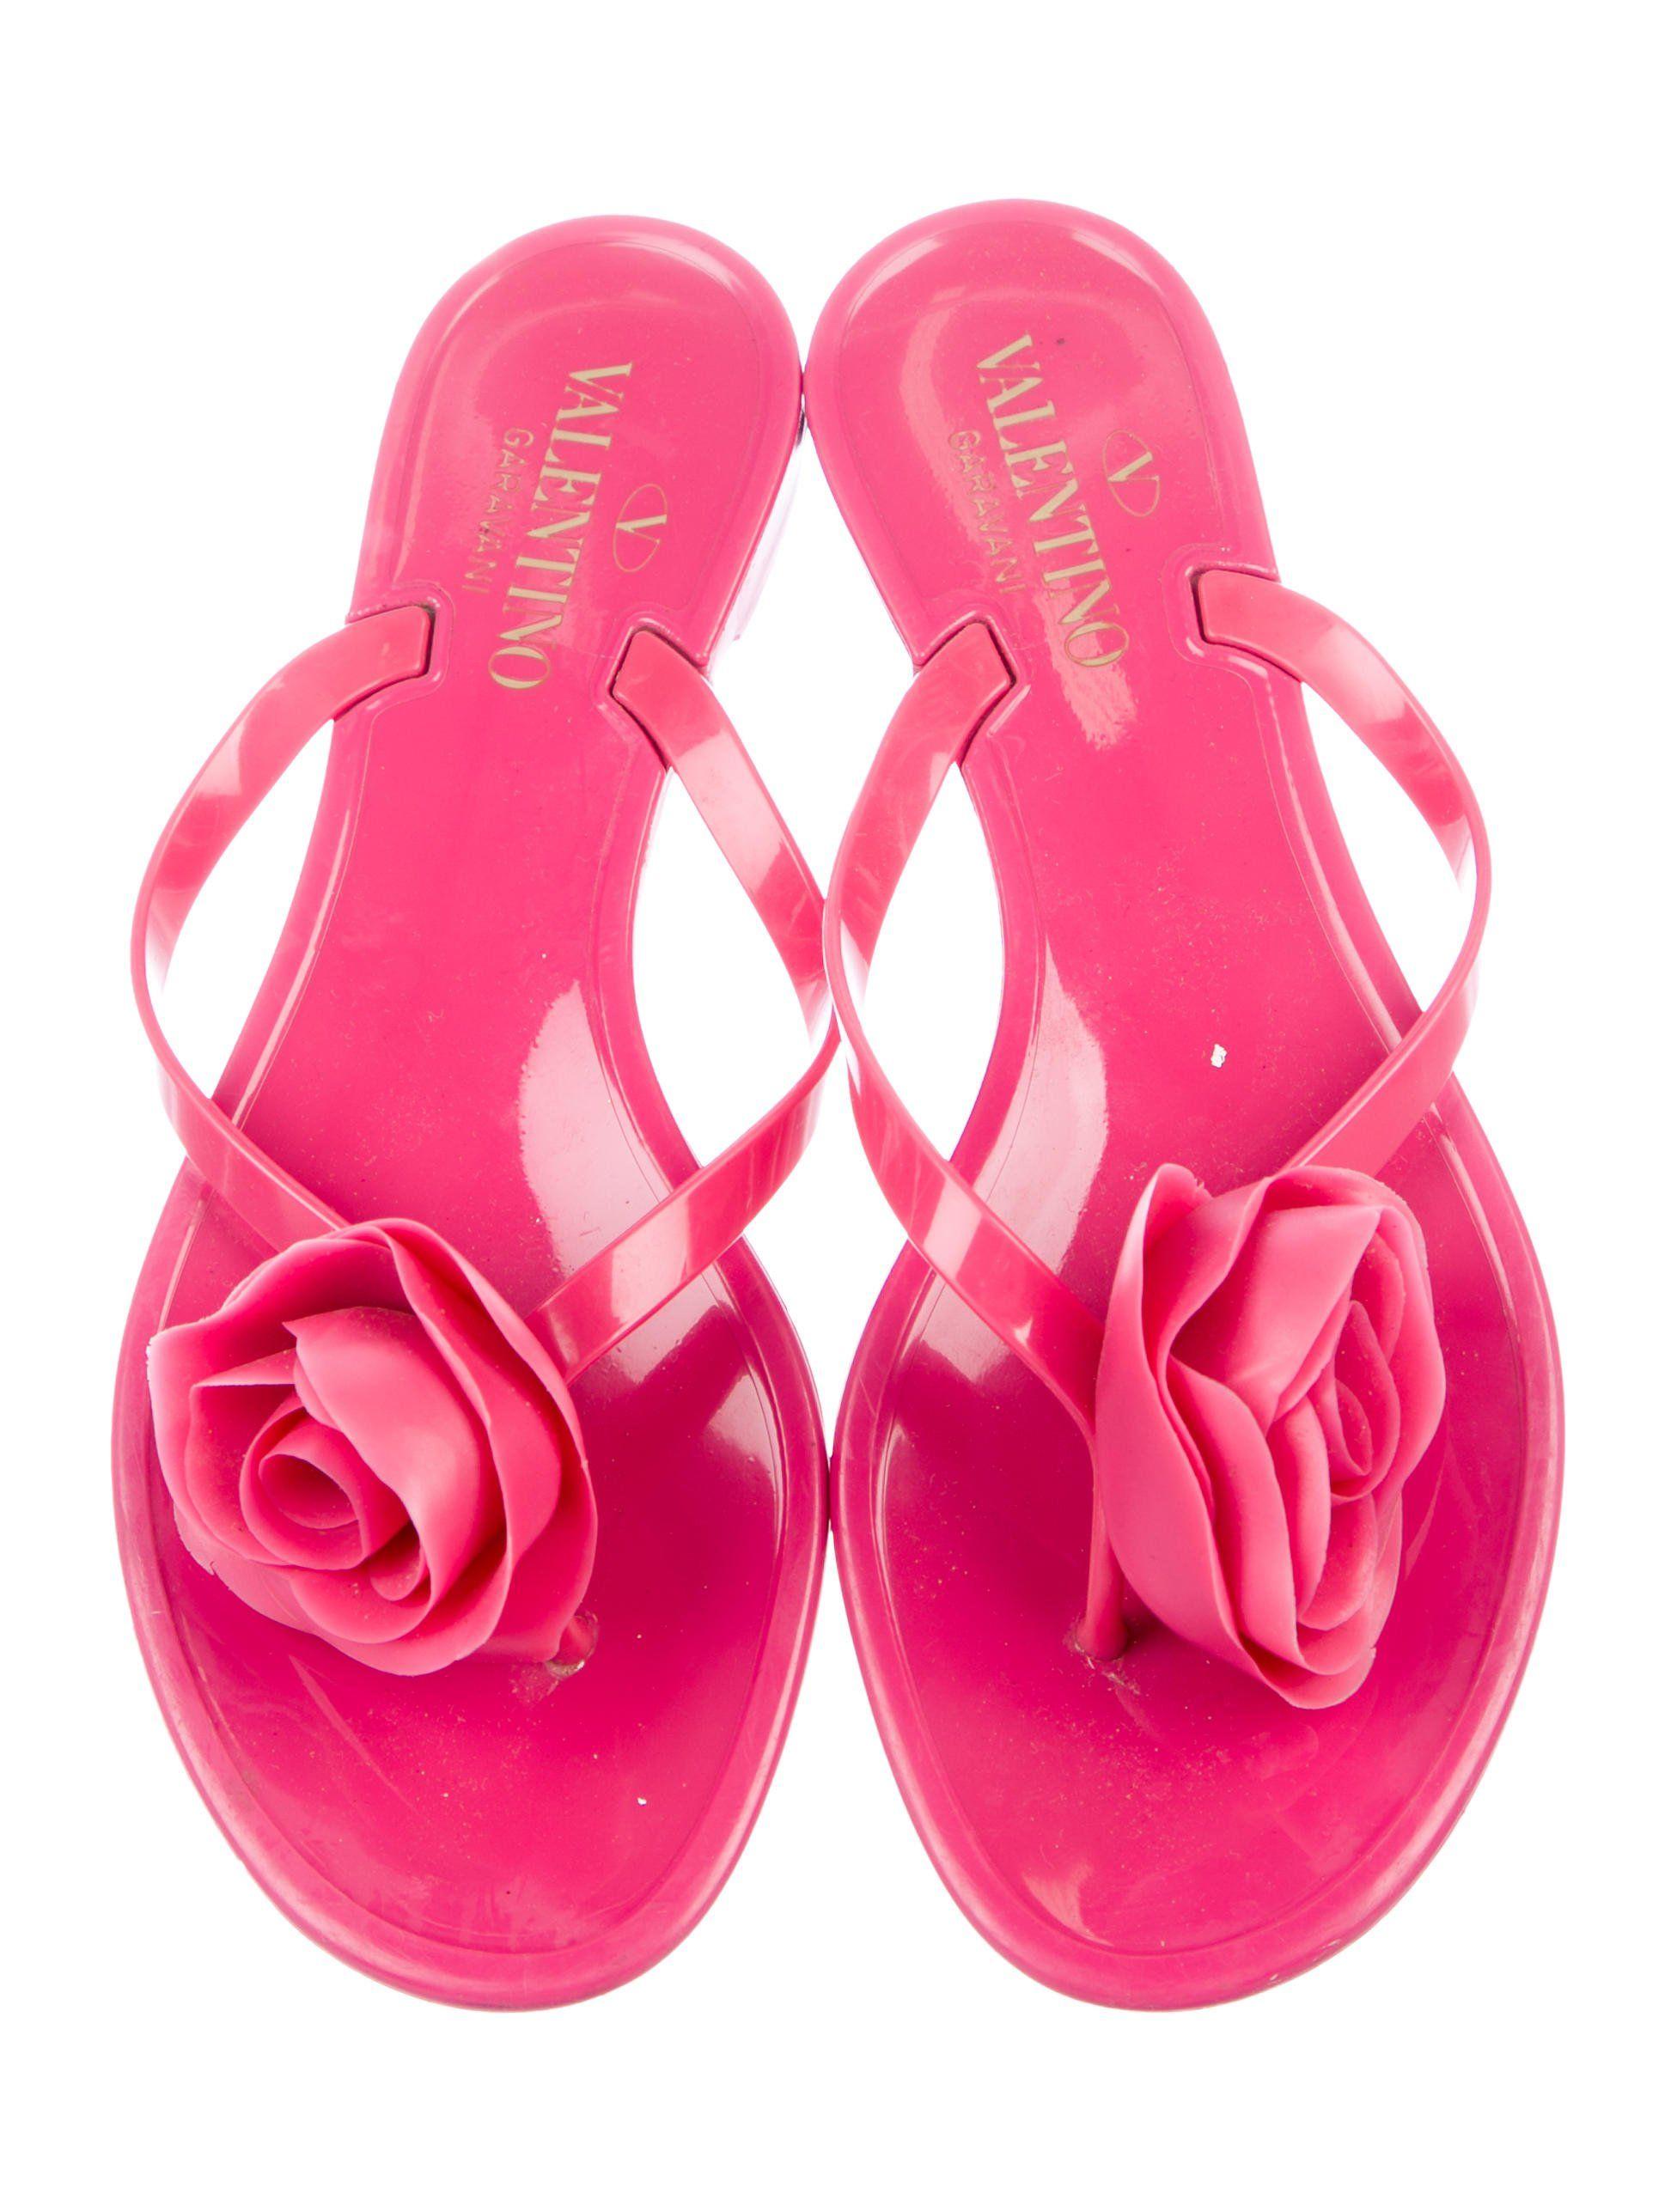 Fuchsia rubber Valentino jelly sandals